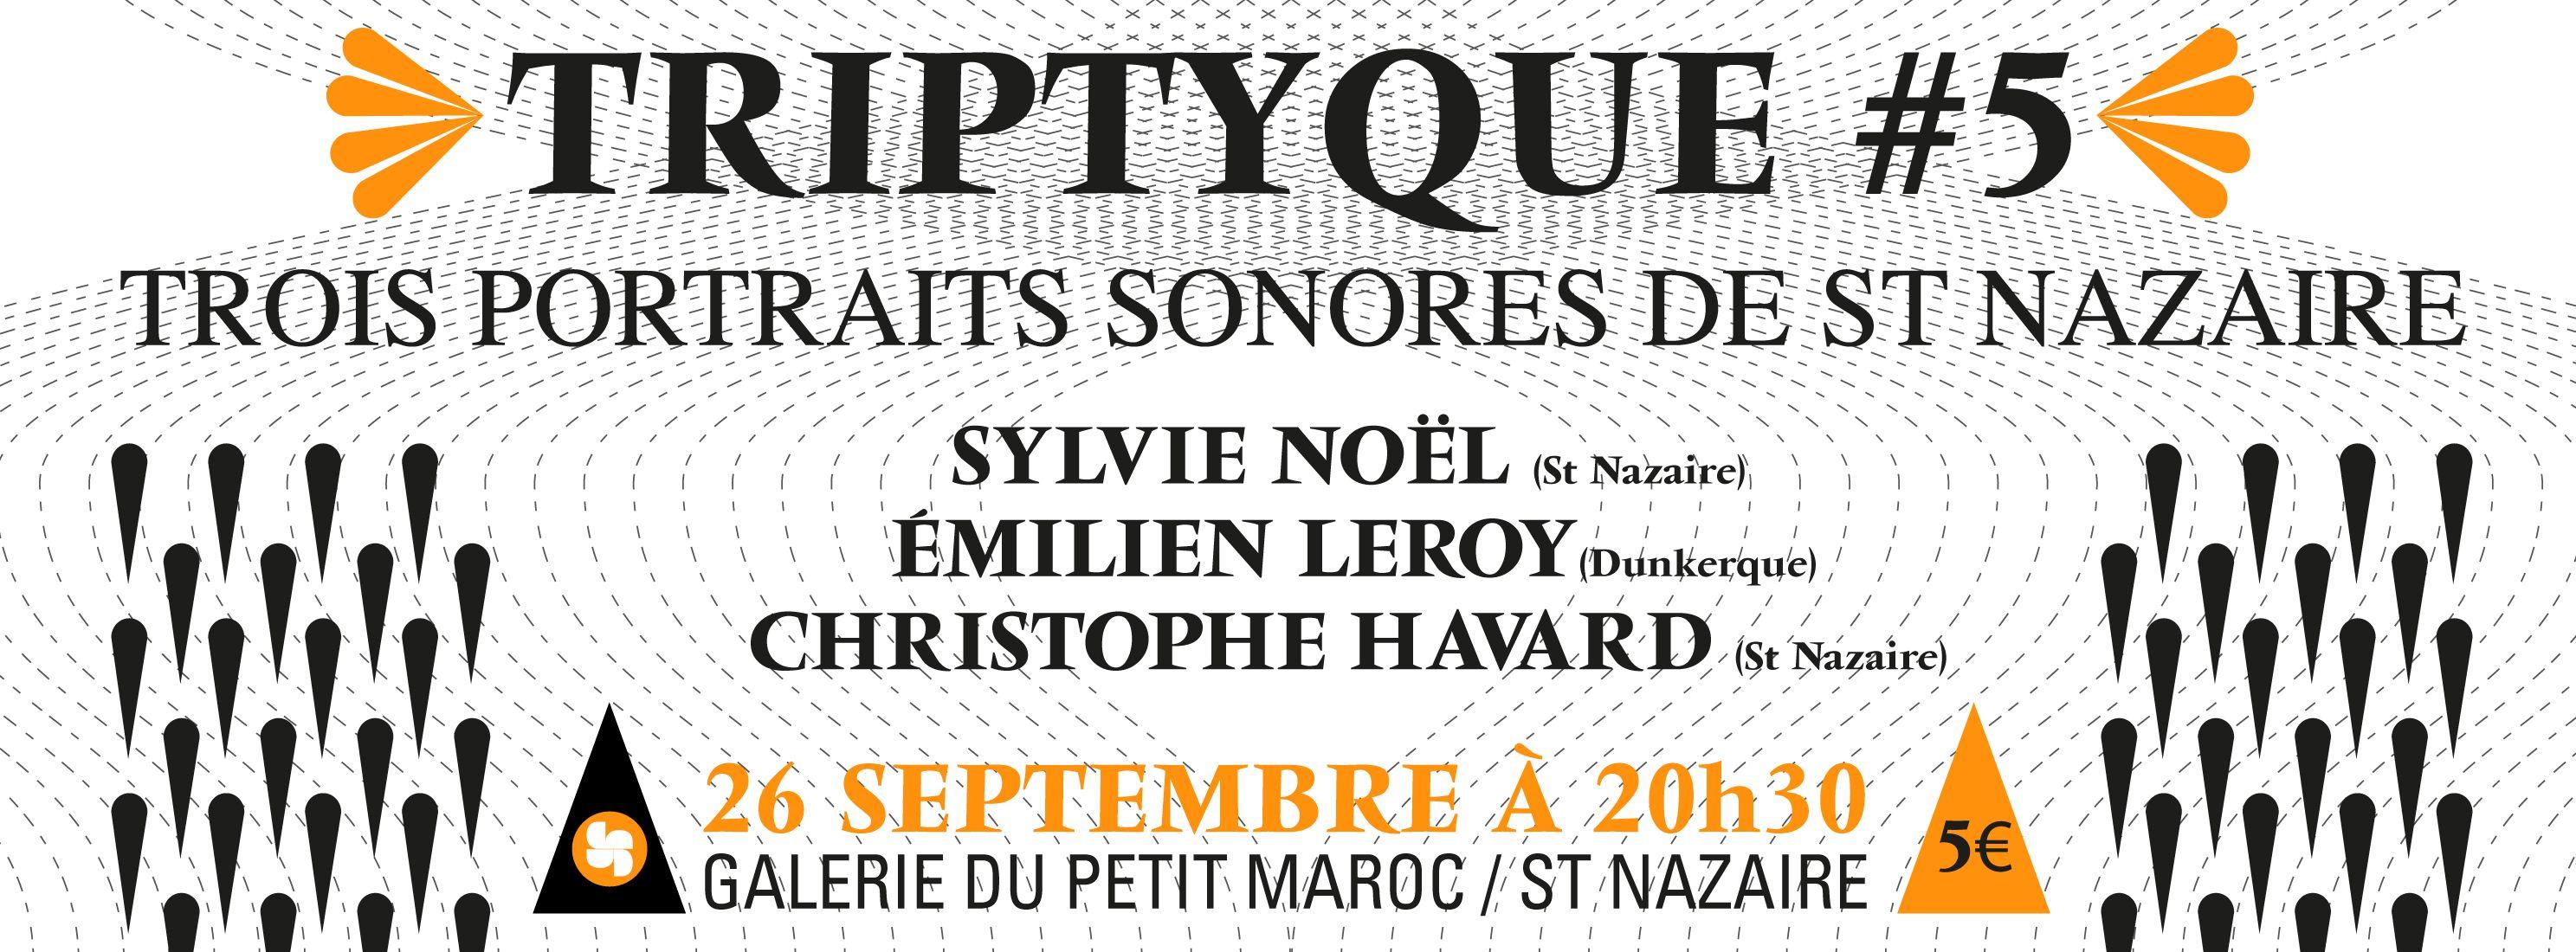 DSD records / Trois portraits de St Nazaire / Septembre 2013